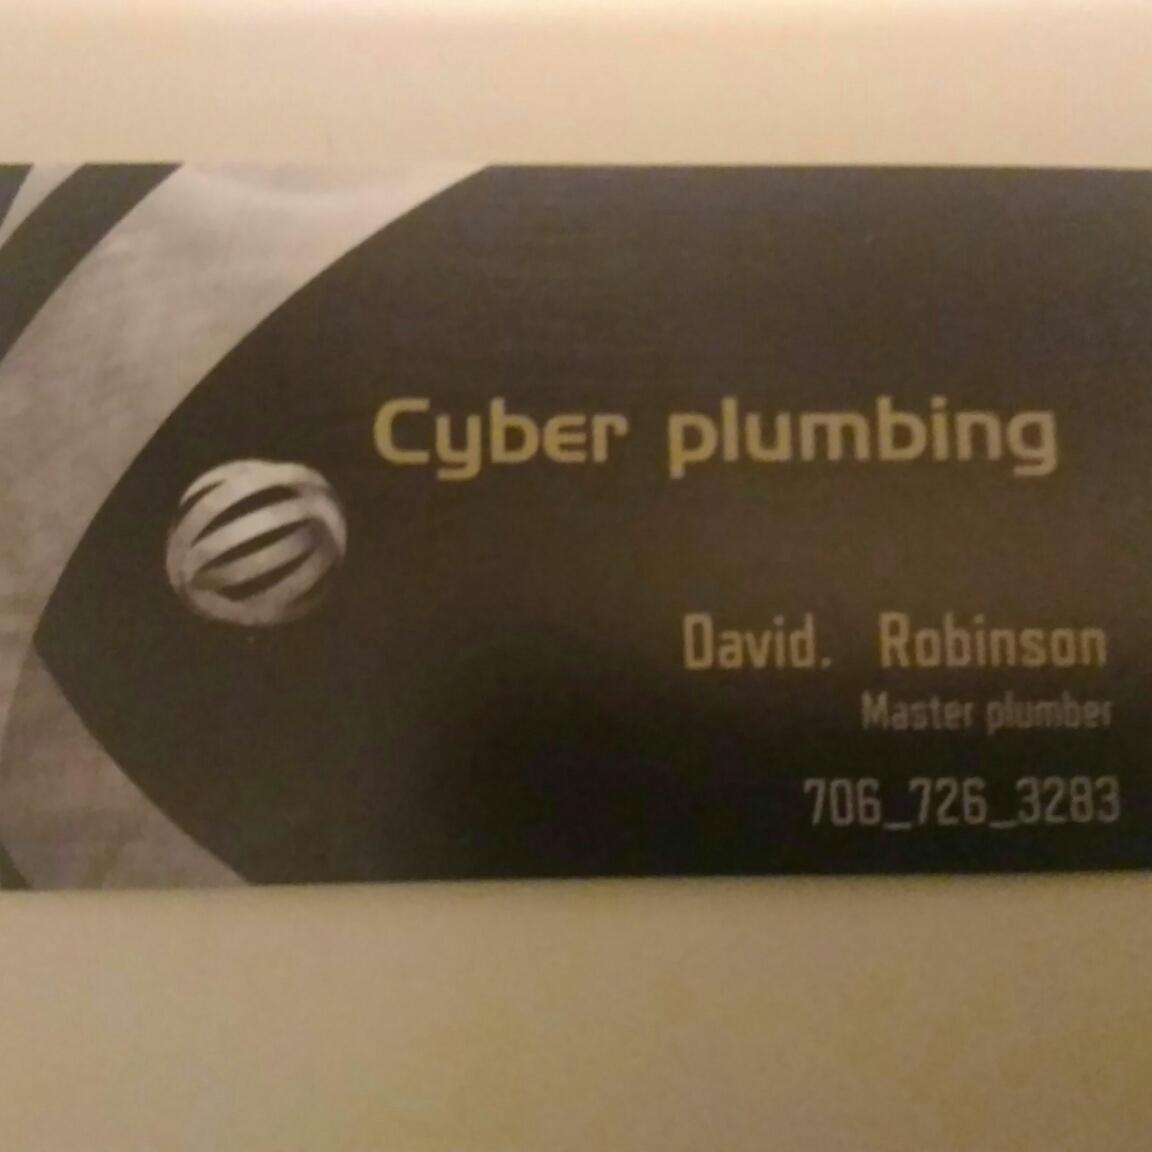 Cyber plumbing